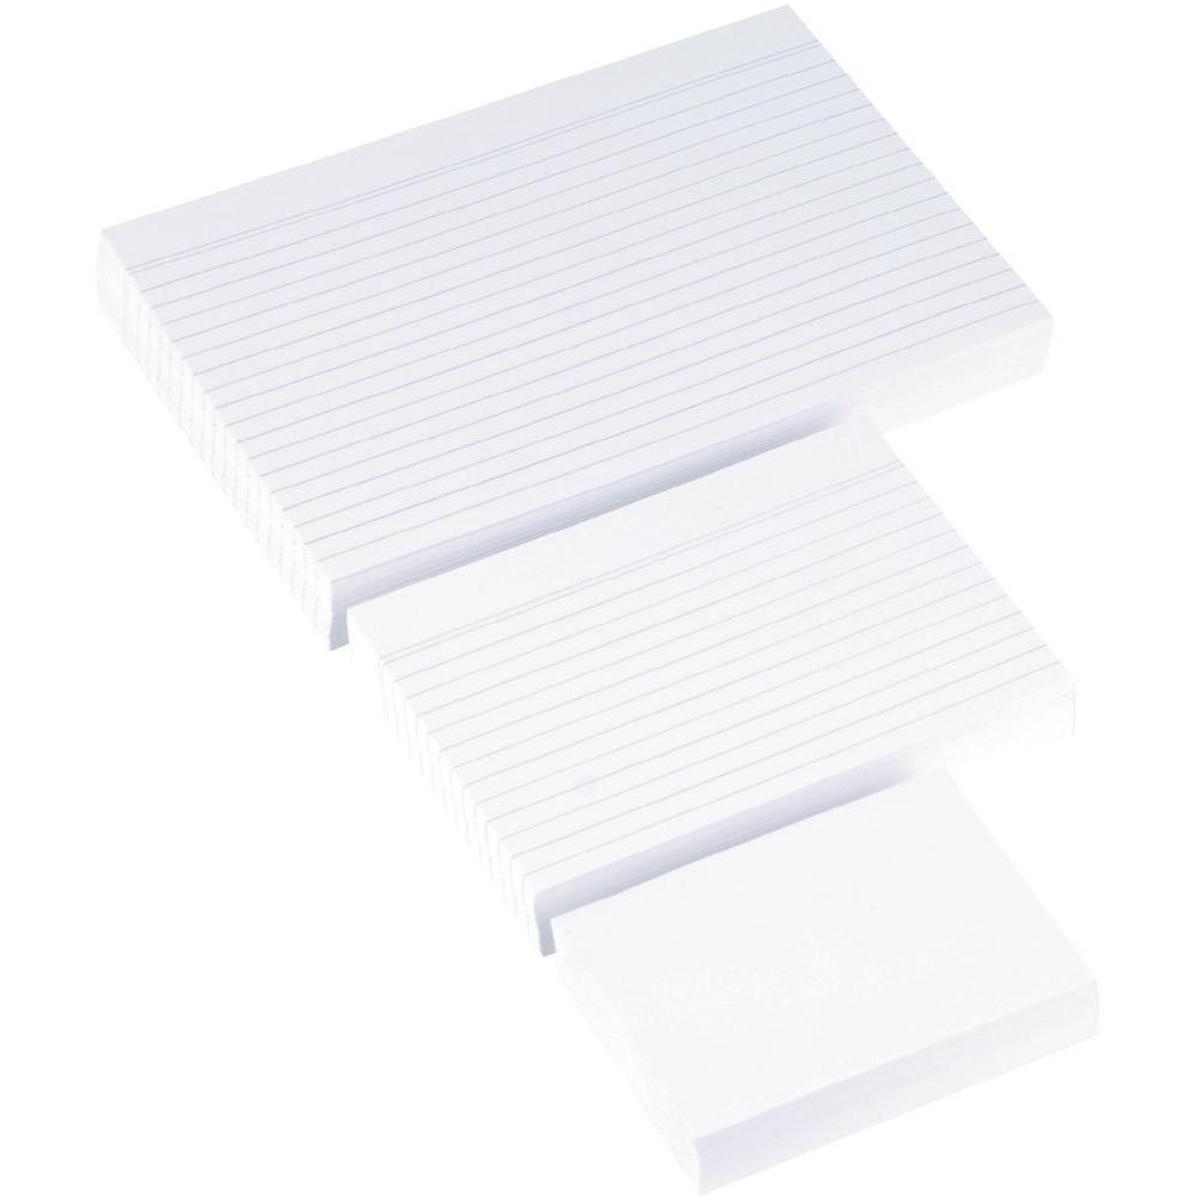 Karteikarten in Weiß